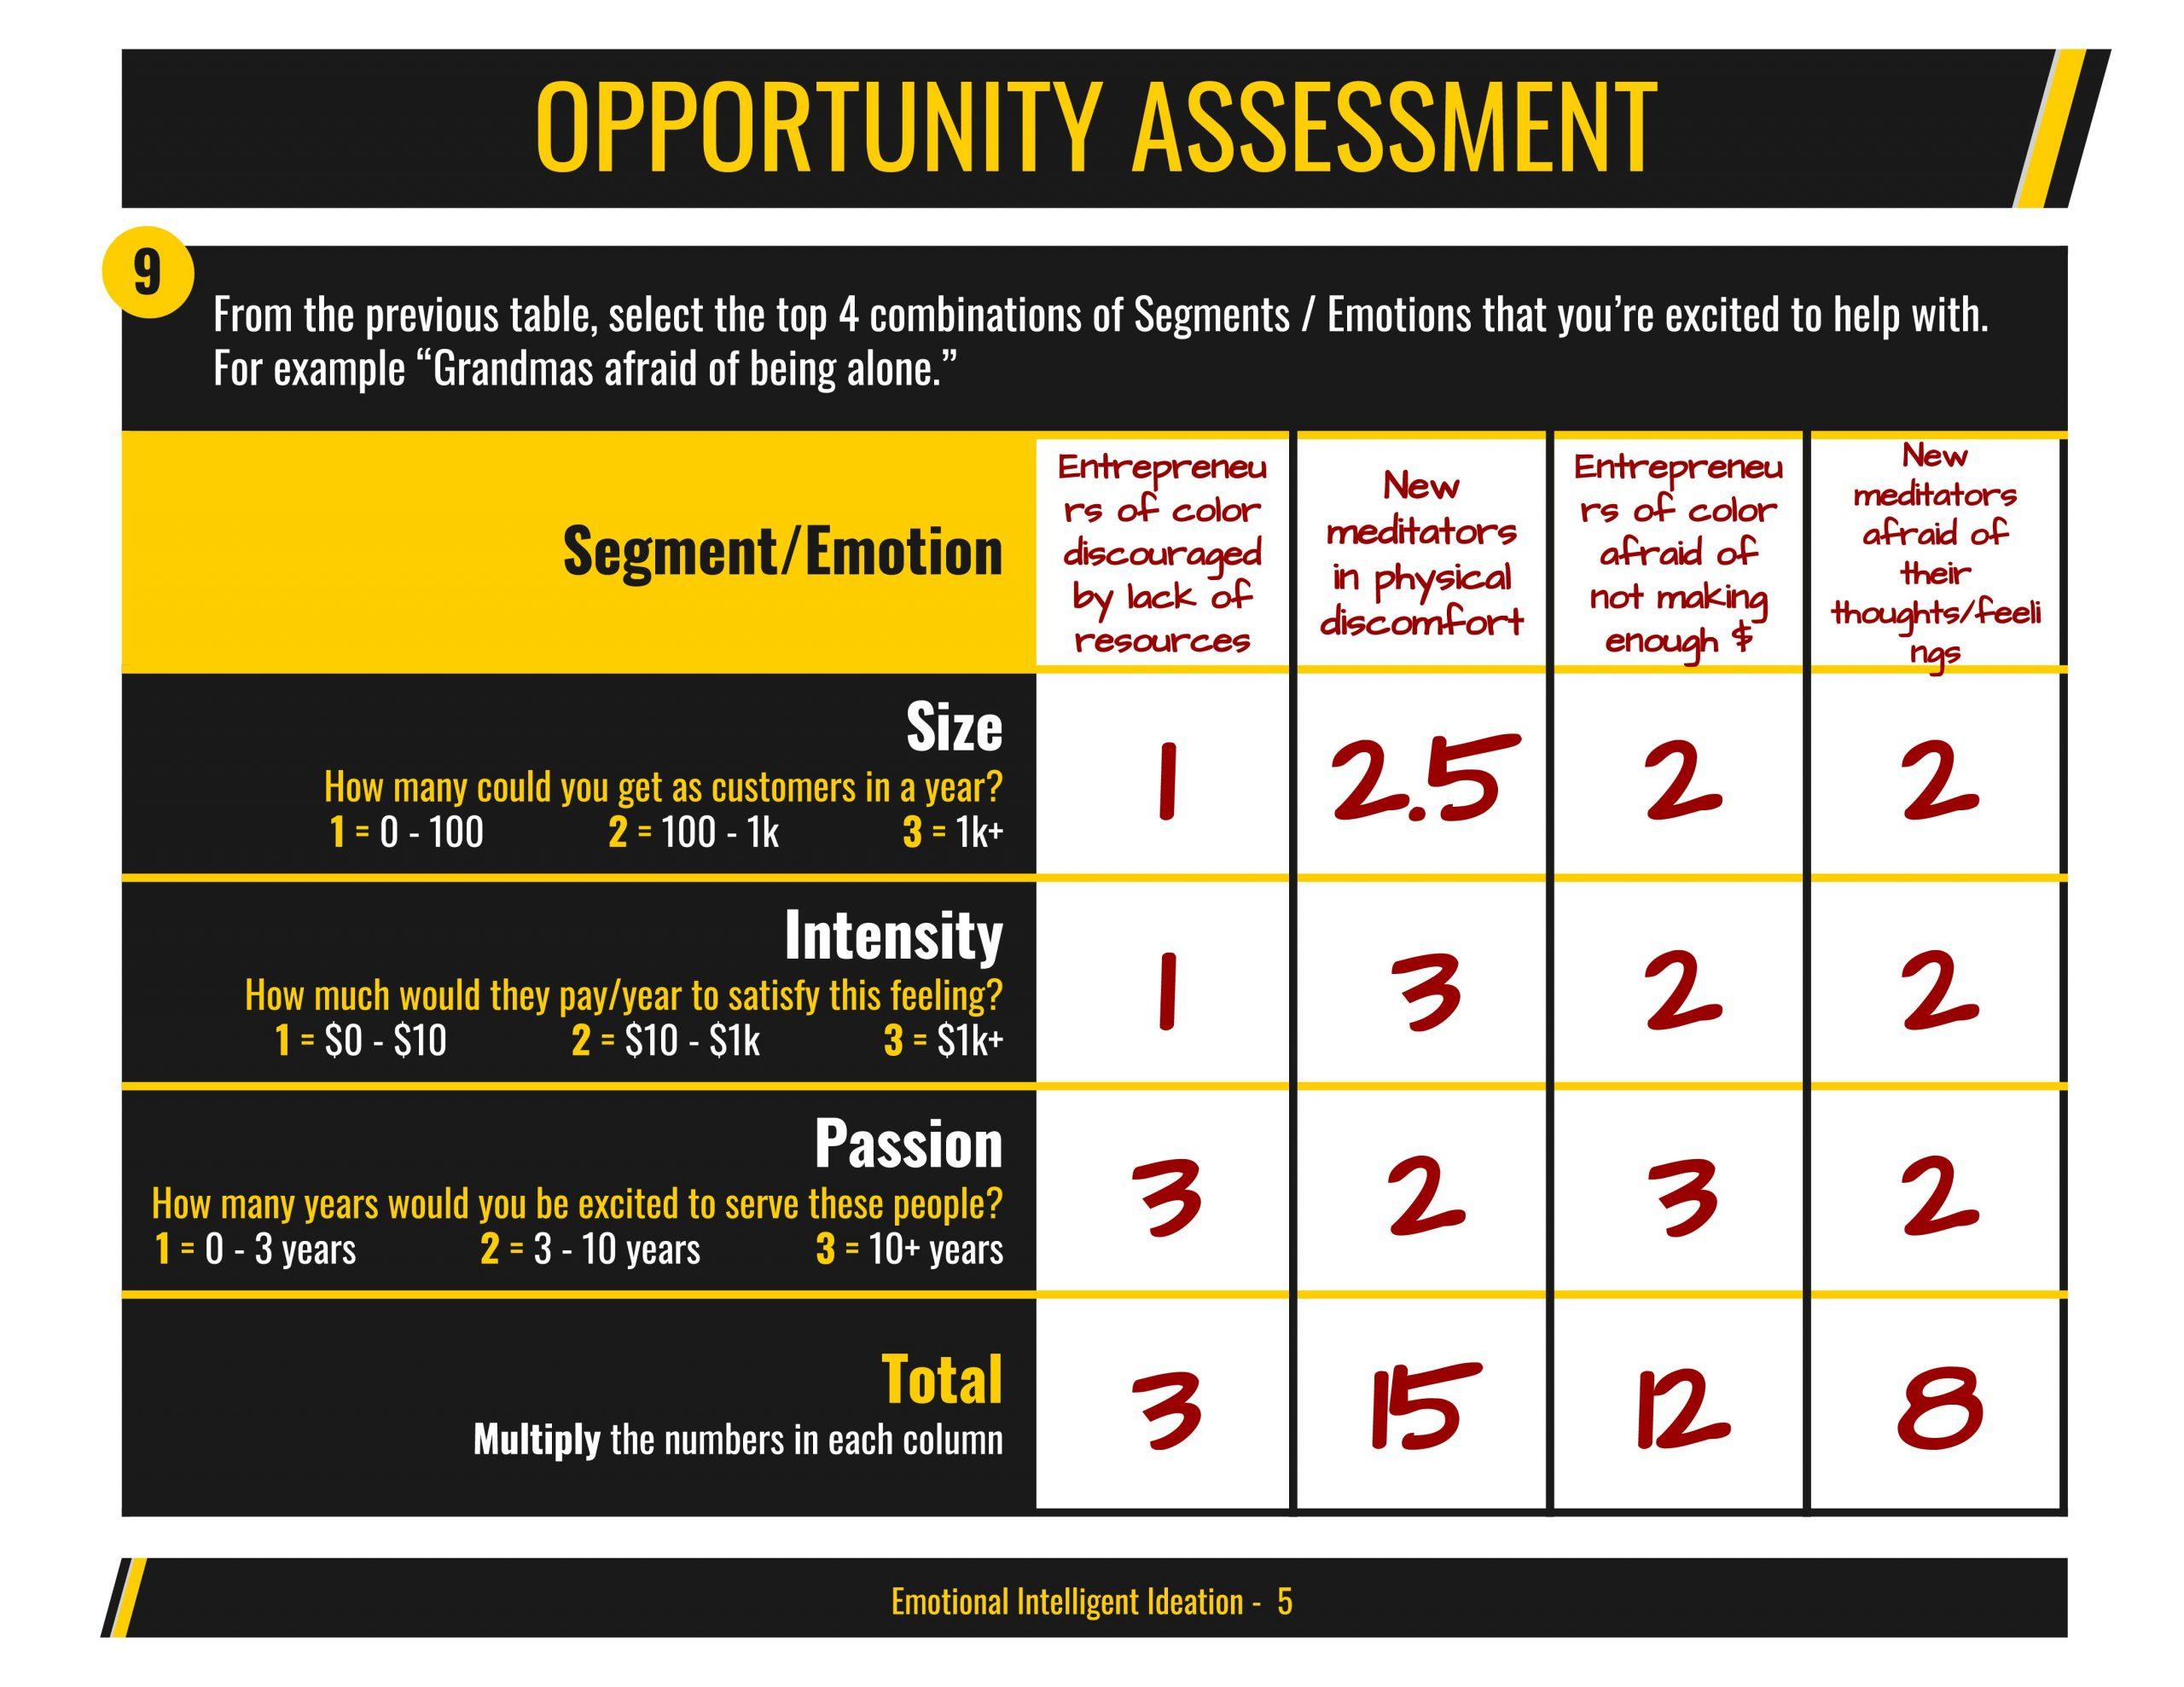 Opportunity assessment